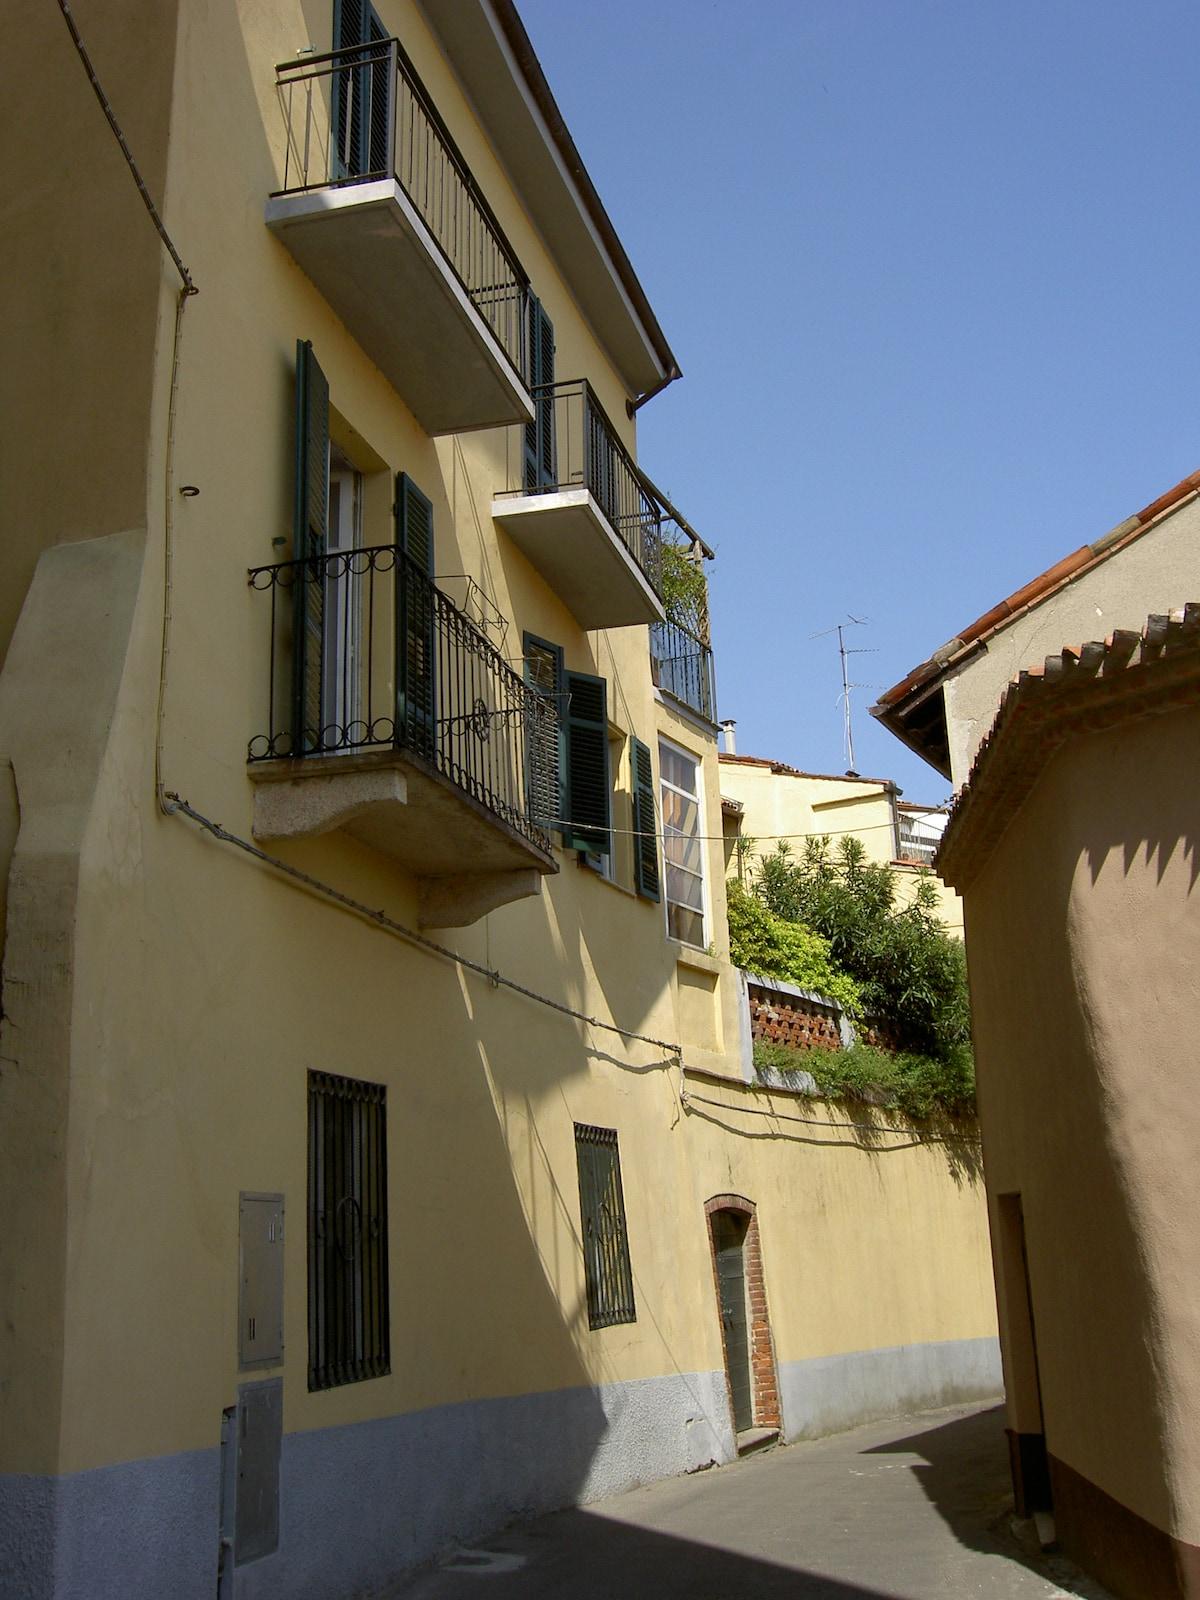 Mansion in  Monferrato (Piemonte)